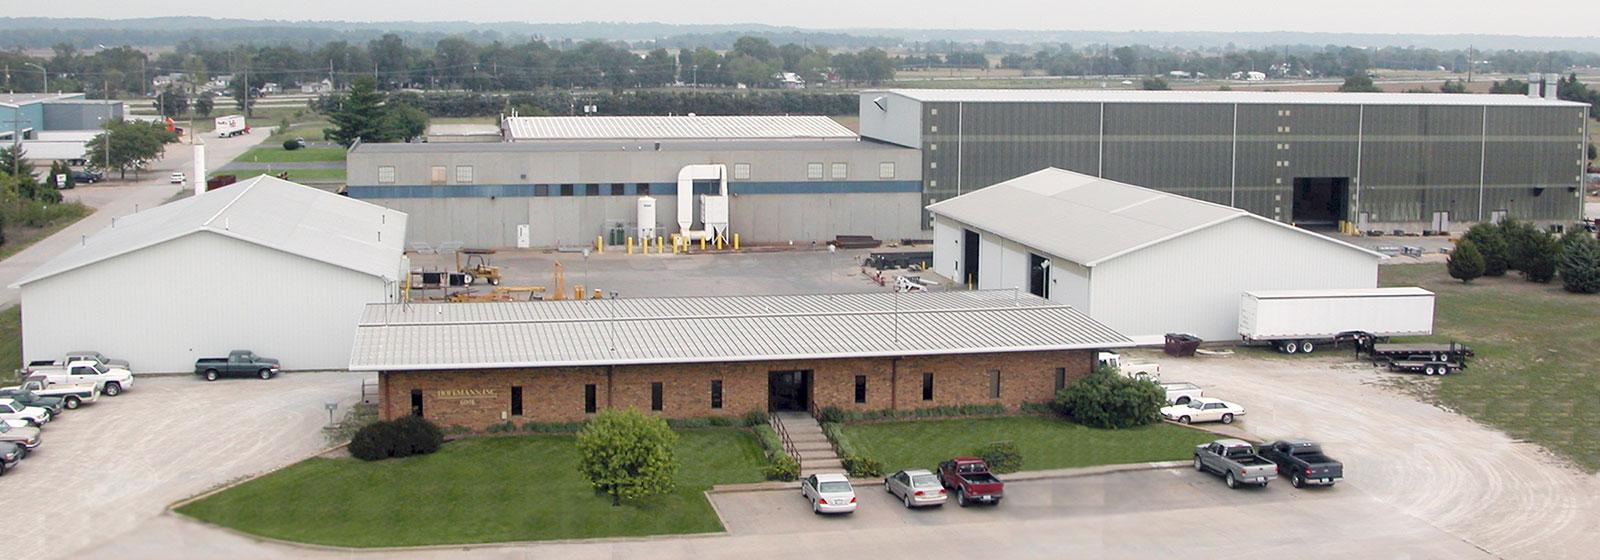 Hoffmann Inc facility